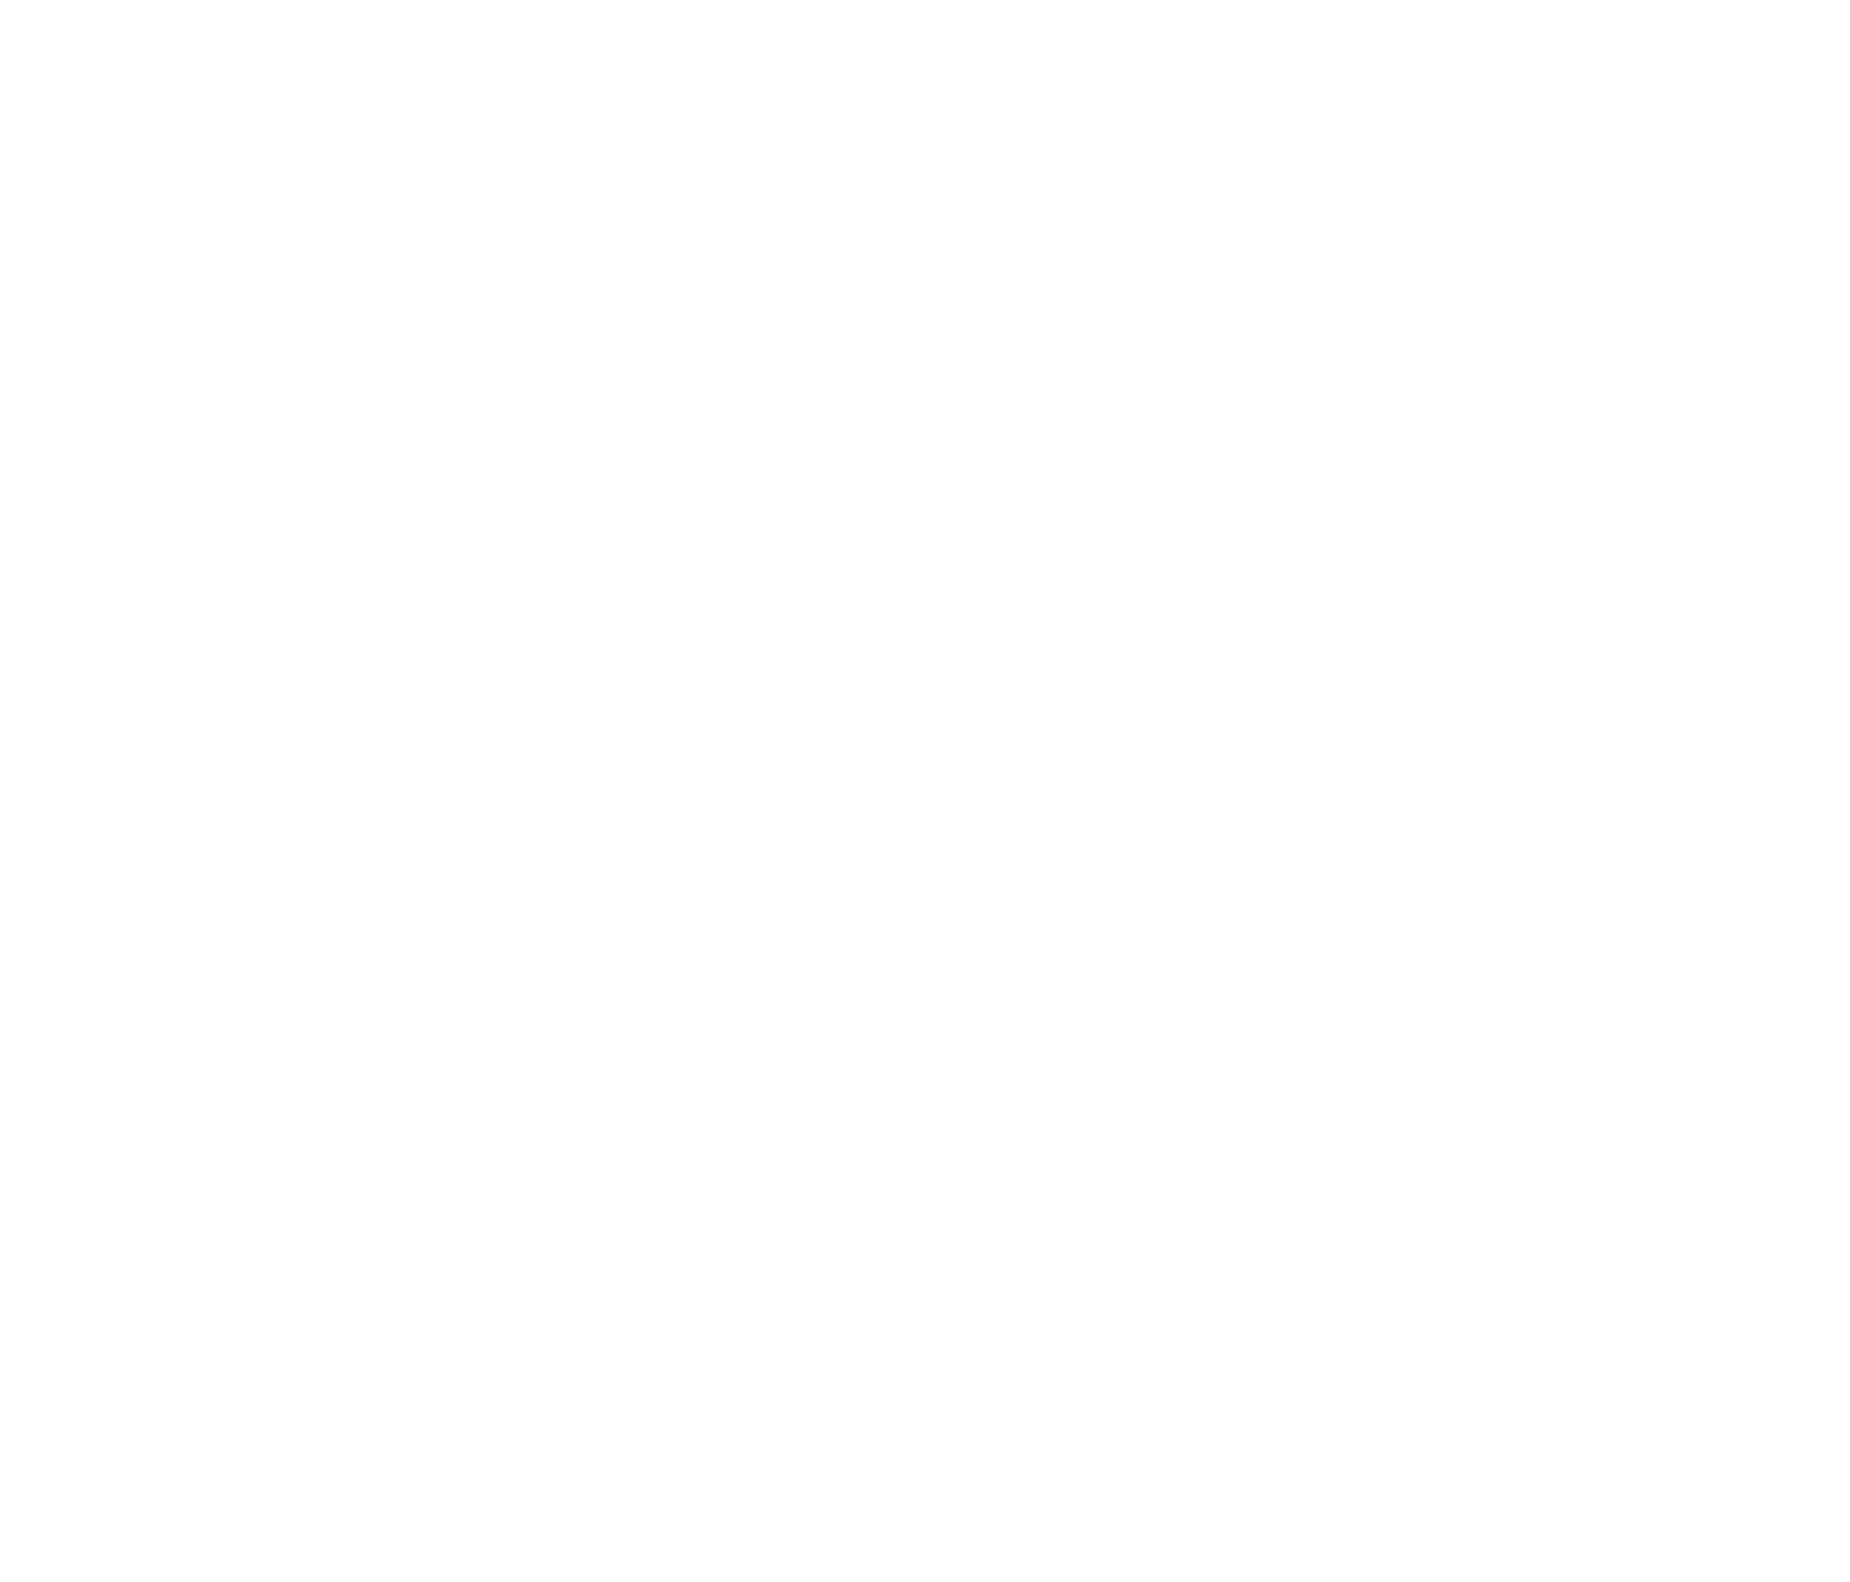 Center stage logo